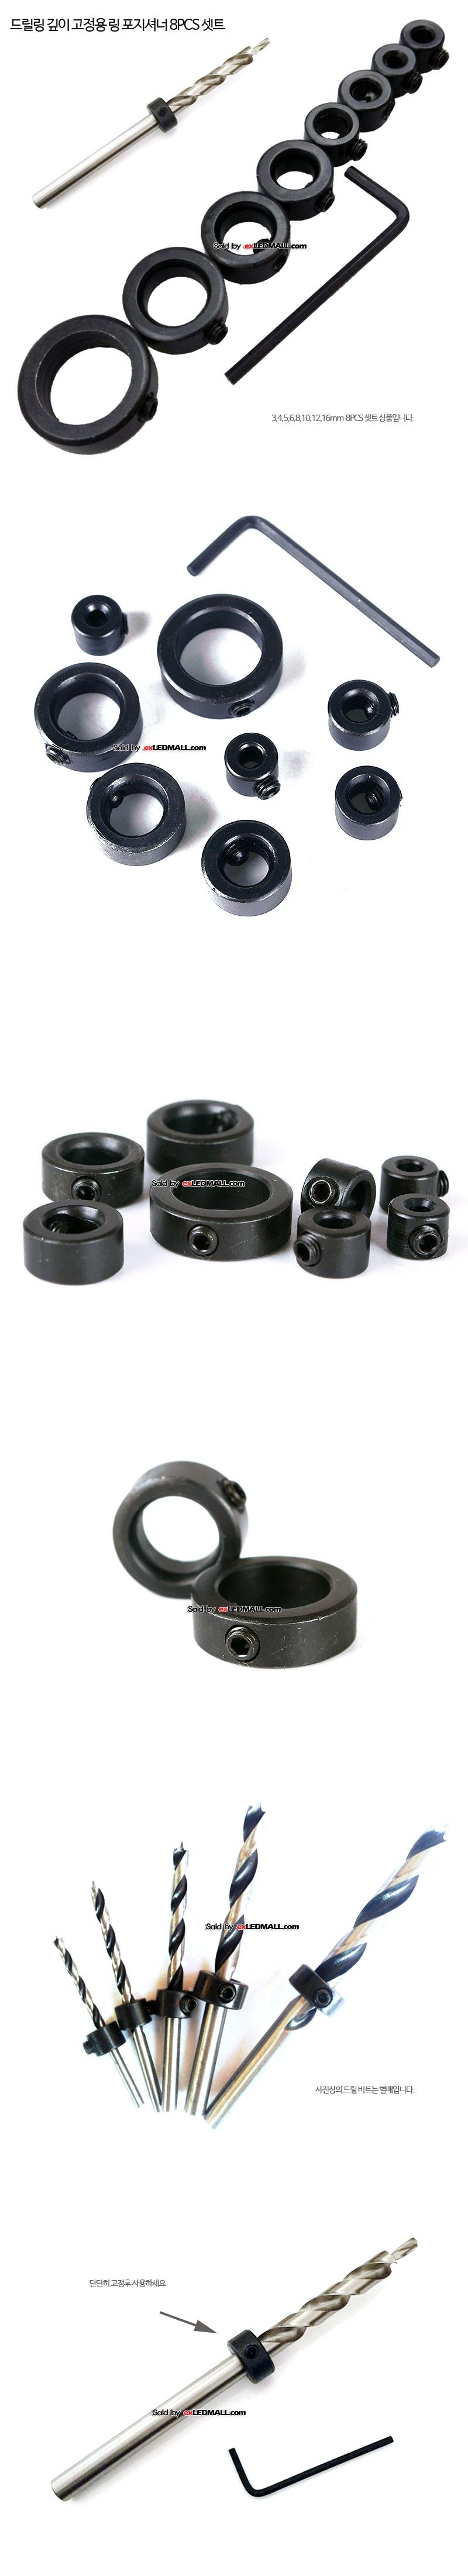 드릴비트(드릴팁) : 드릴링 깊이 고정용 링 포지셔너 (3mm/4mm/5mm/6mm/8mm/10mm/12mm/16mm) 8PCS 셋트